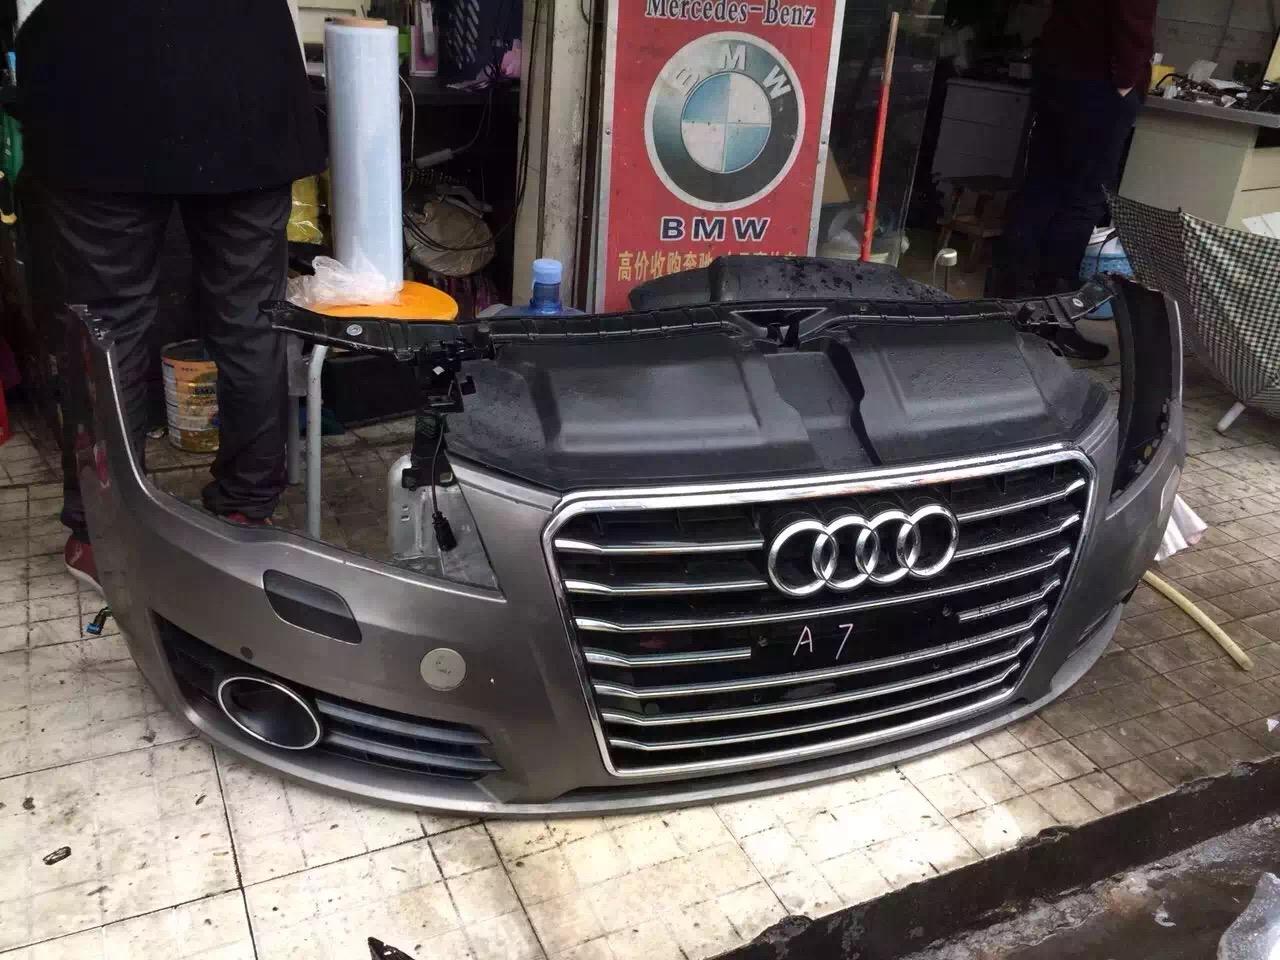 广州物超所值的奥迪A7汽车配件?#33805;?优惠的奥迪A7汽车配件